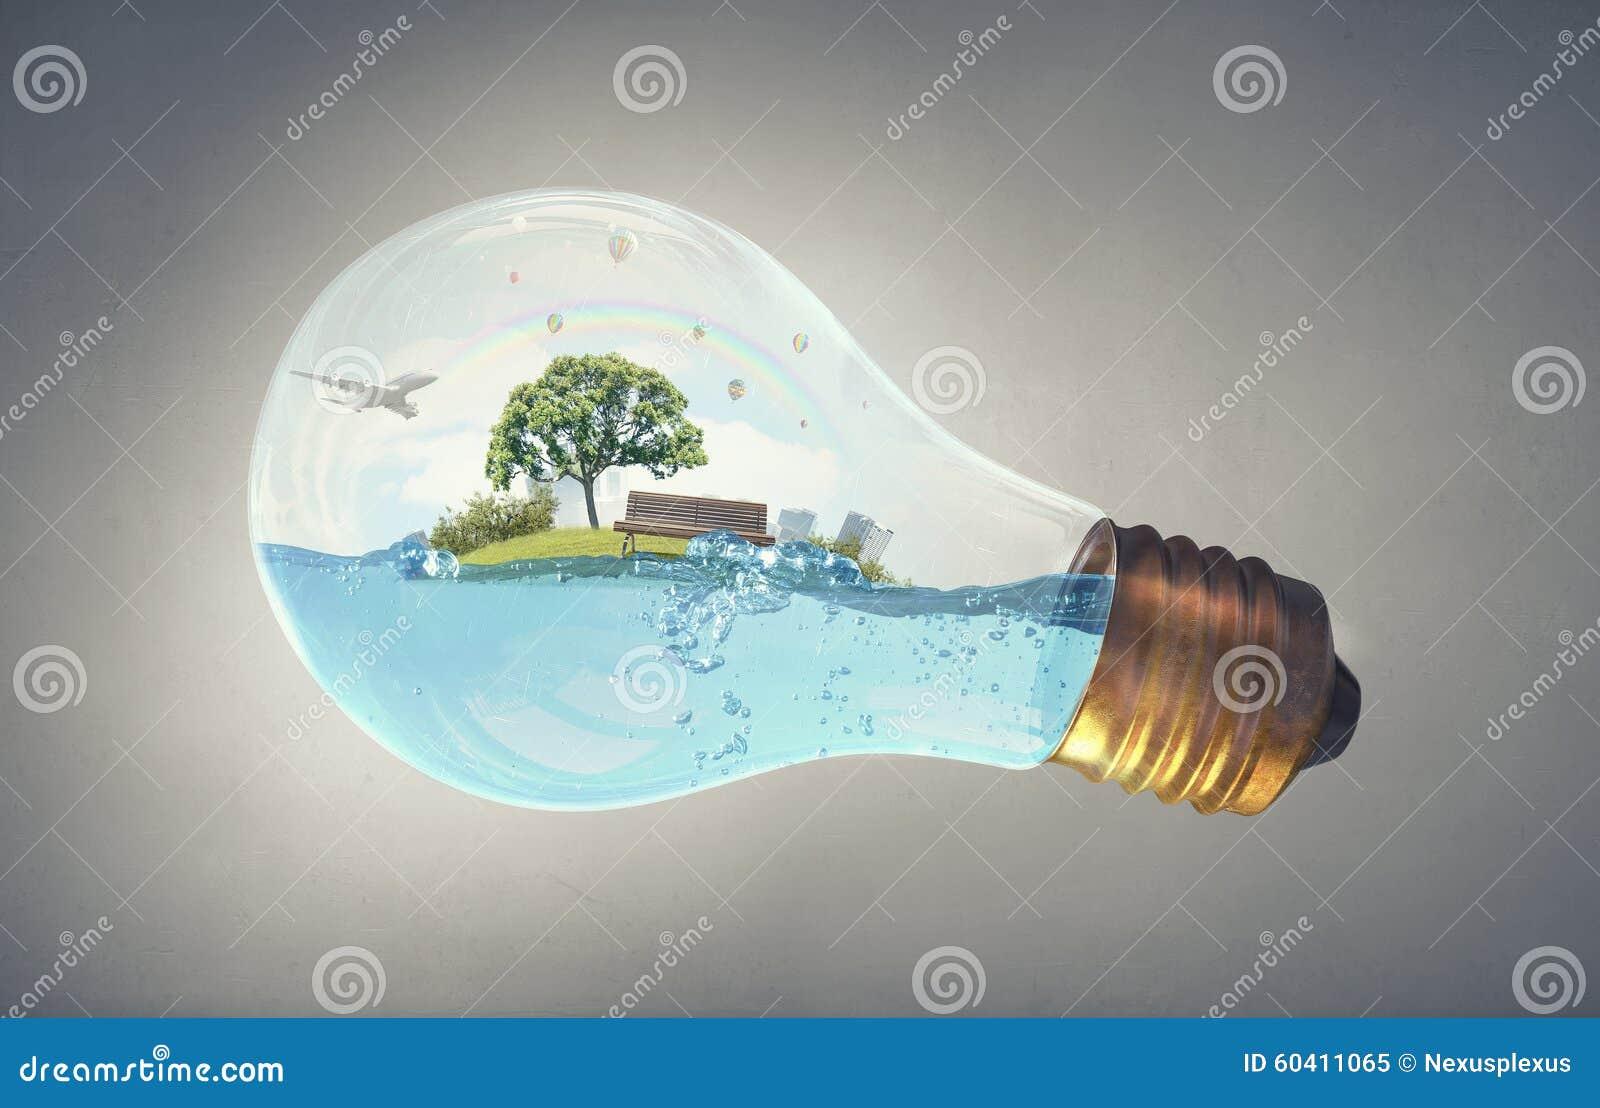 概念全球性变暖